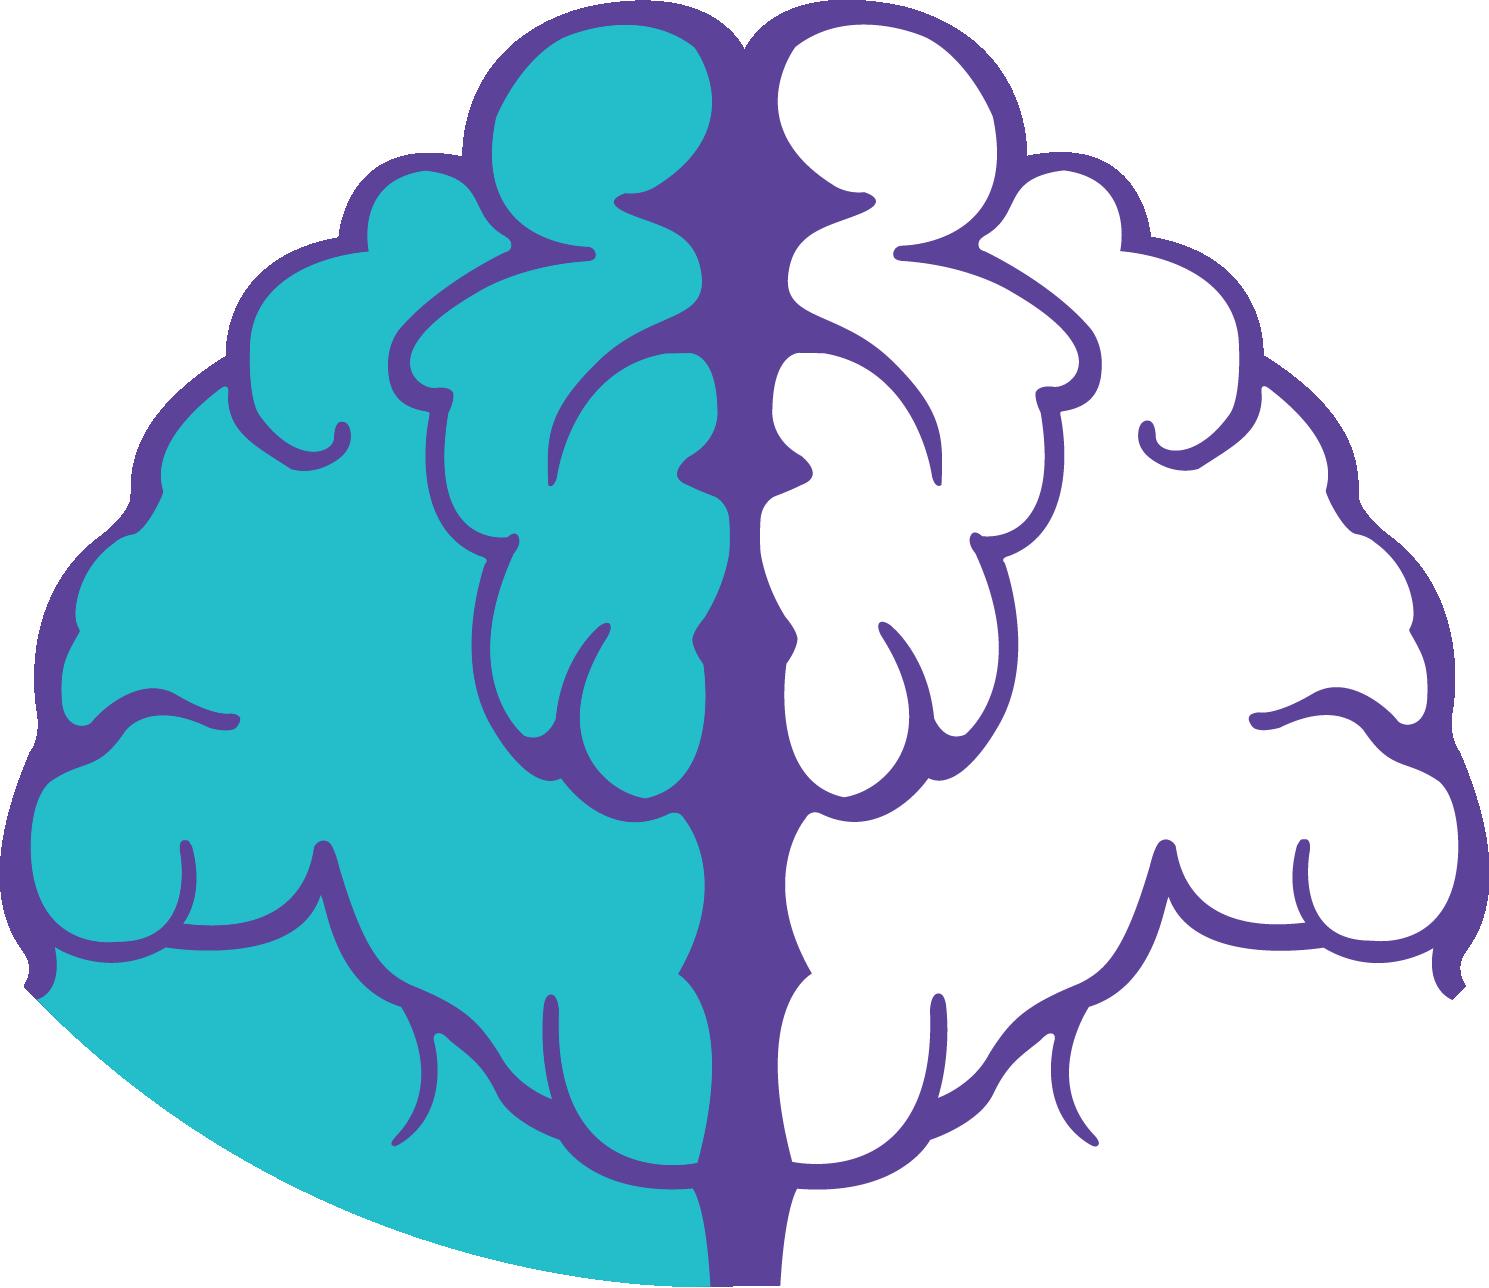 Center for Optimal Brain Health